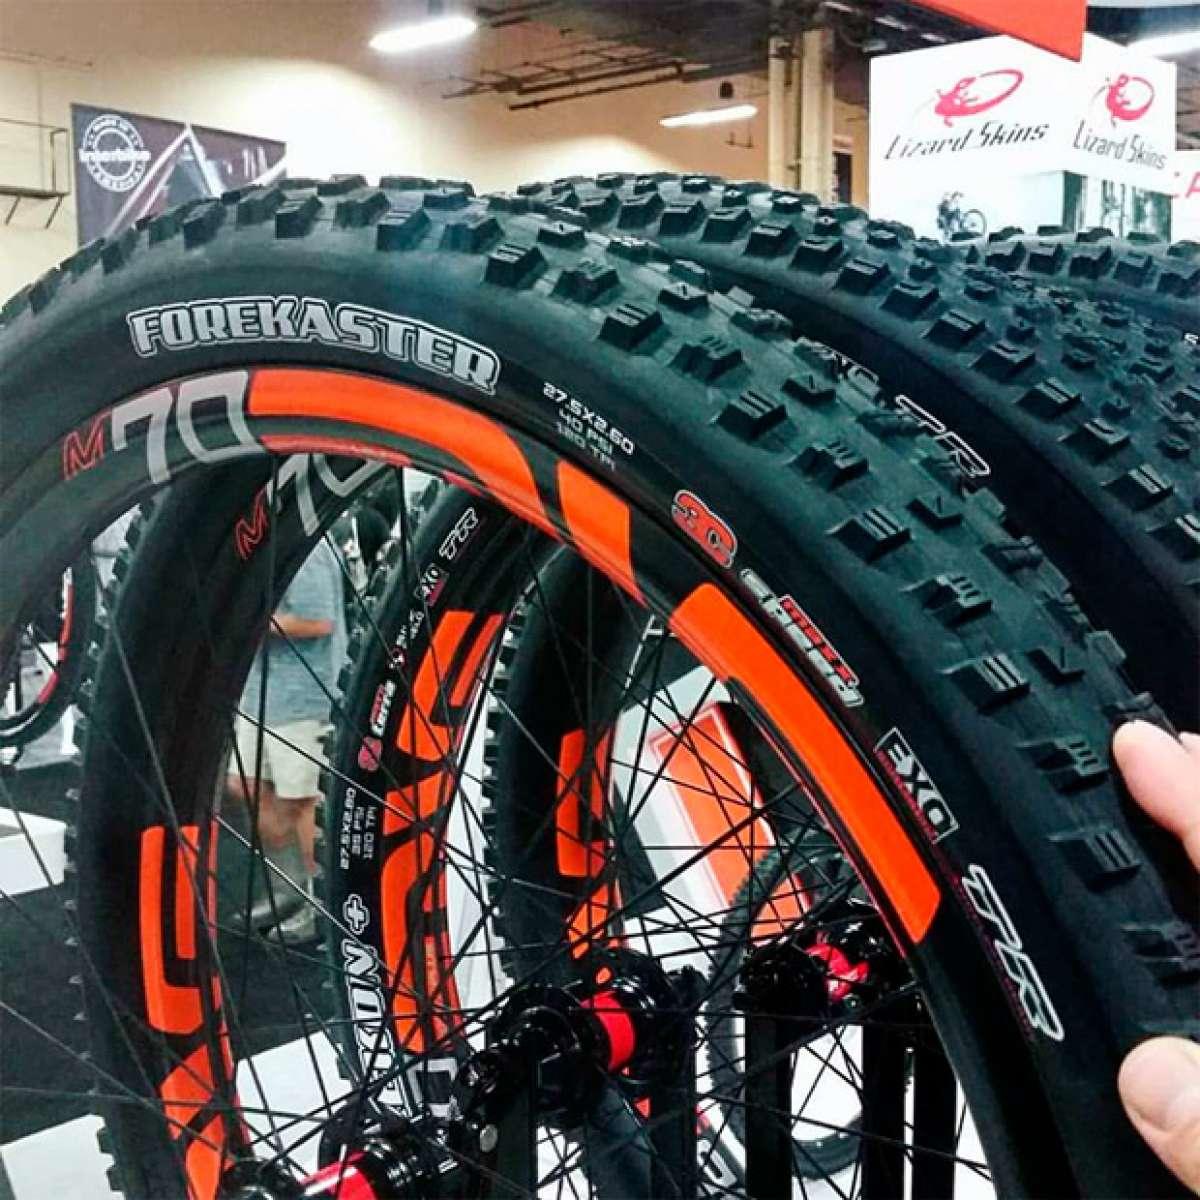 En TodoMountainBike: El TPI de los neumáticos de bicicleta: ¿Qué es y para qué sirve?